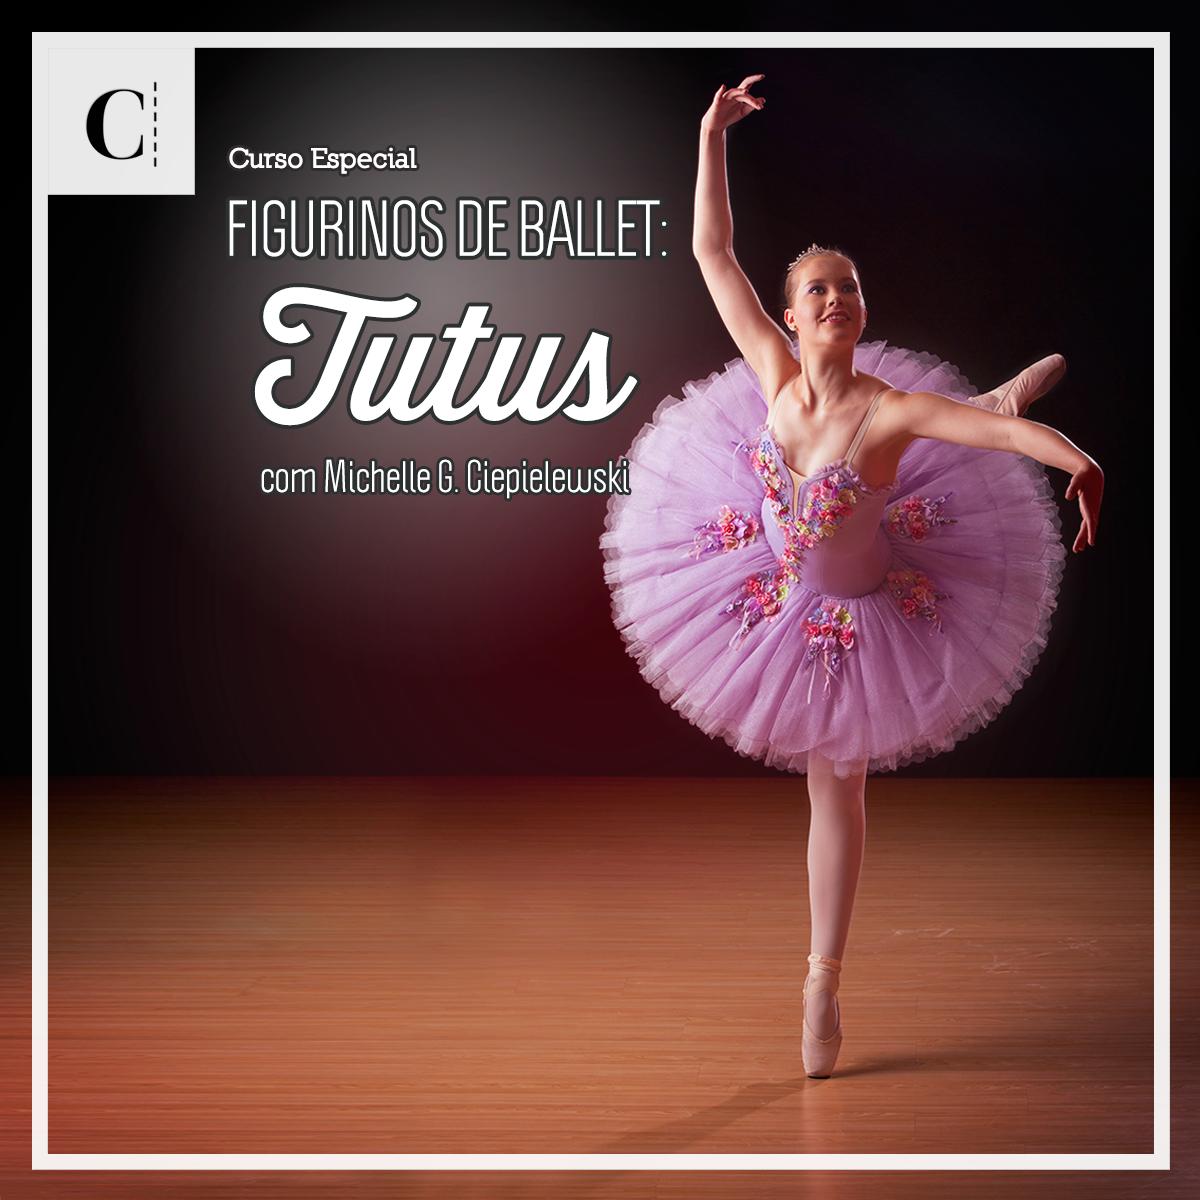 df86a40abc Figurinos de Ballet  Tutus